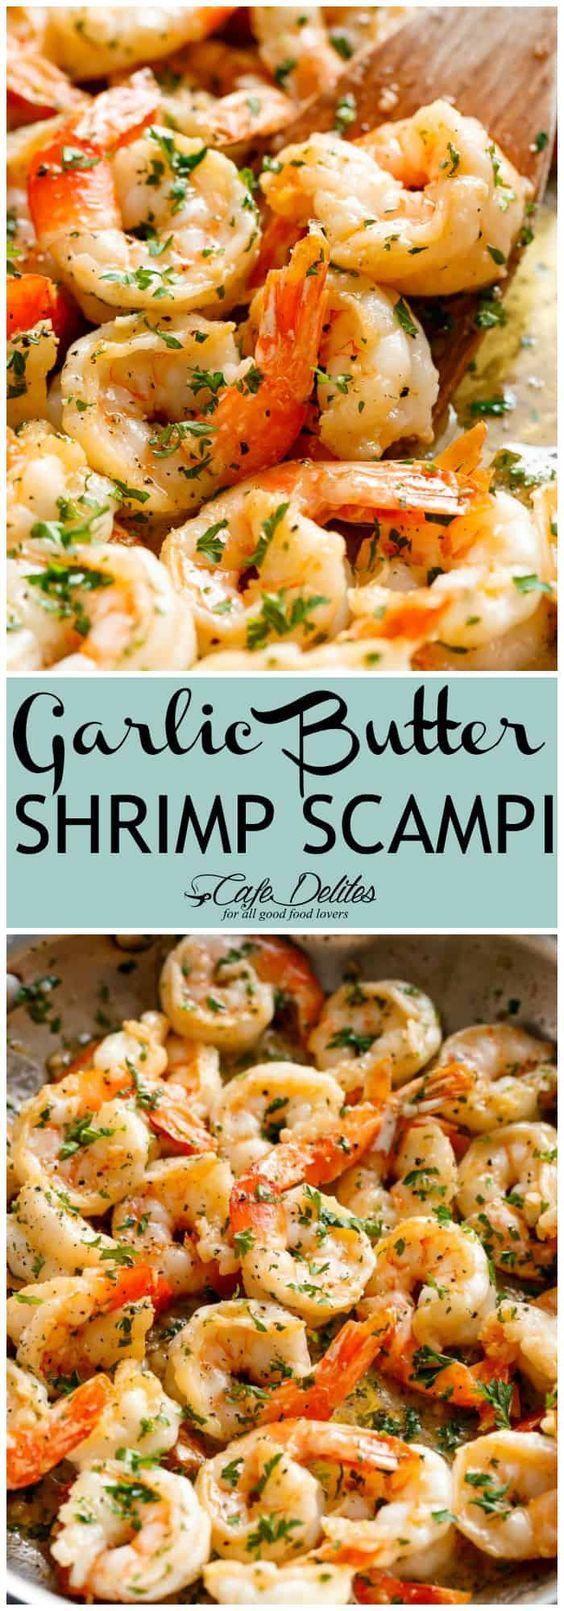 Garlic Butter Shrimp Scampi - Cafe Delites #shrimpscampi